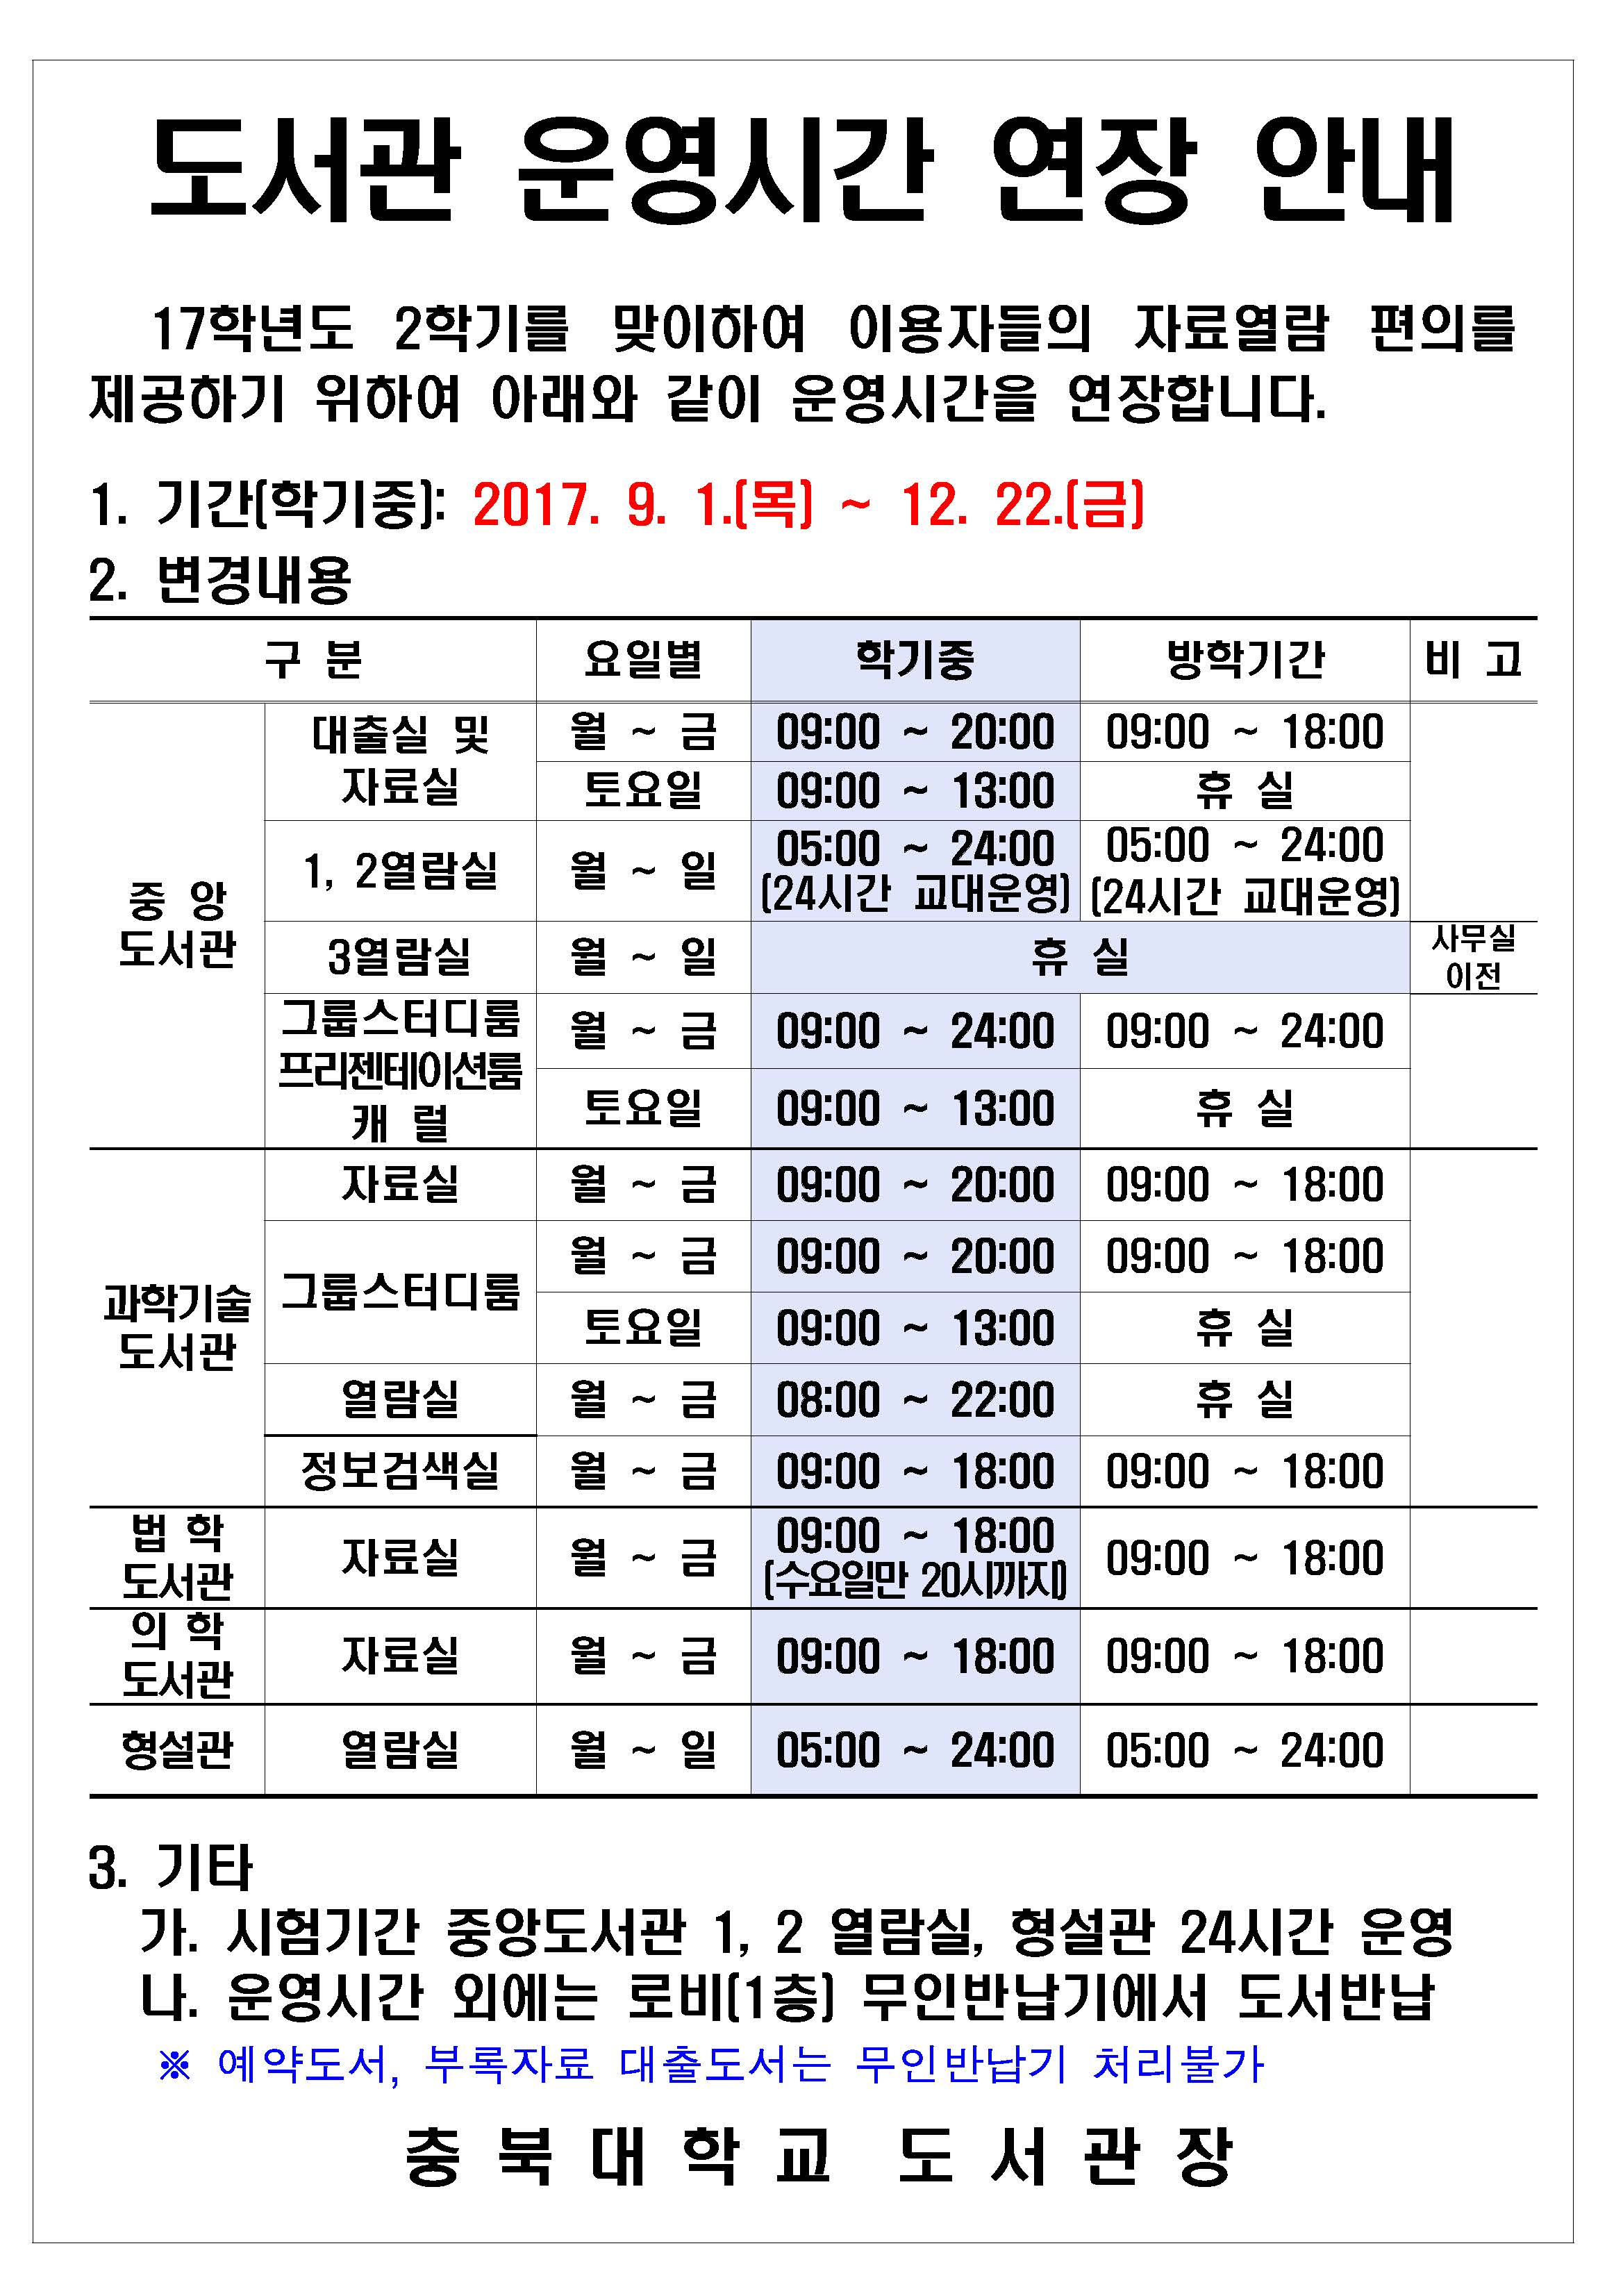 도서관 운영연장 알림(17년 2학기).jpg